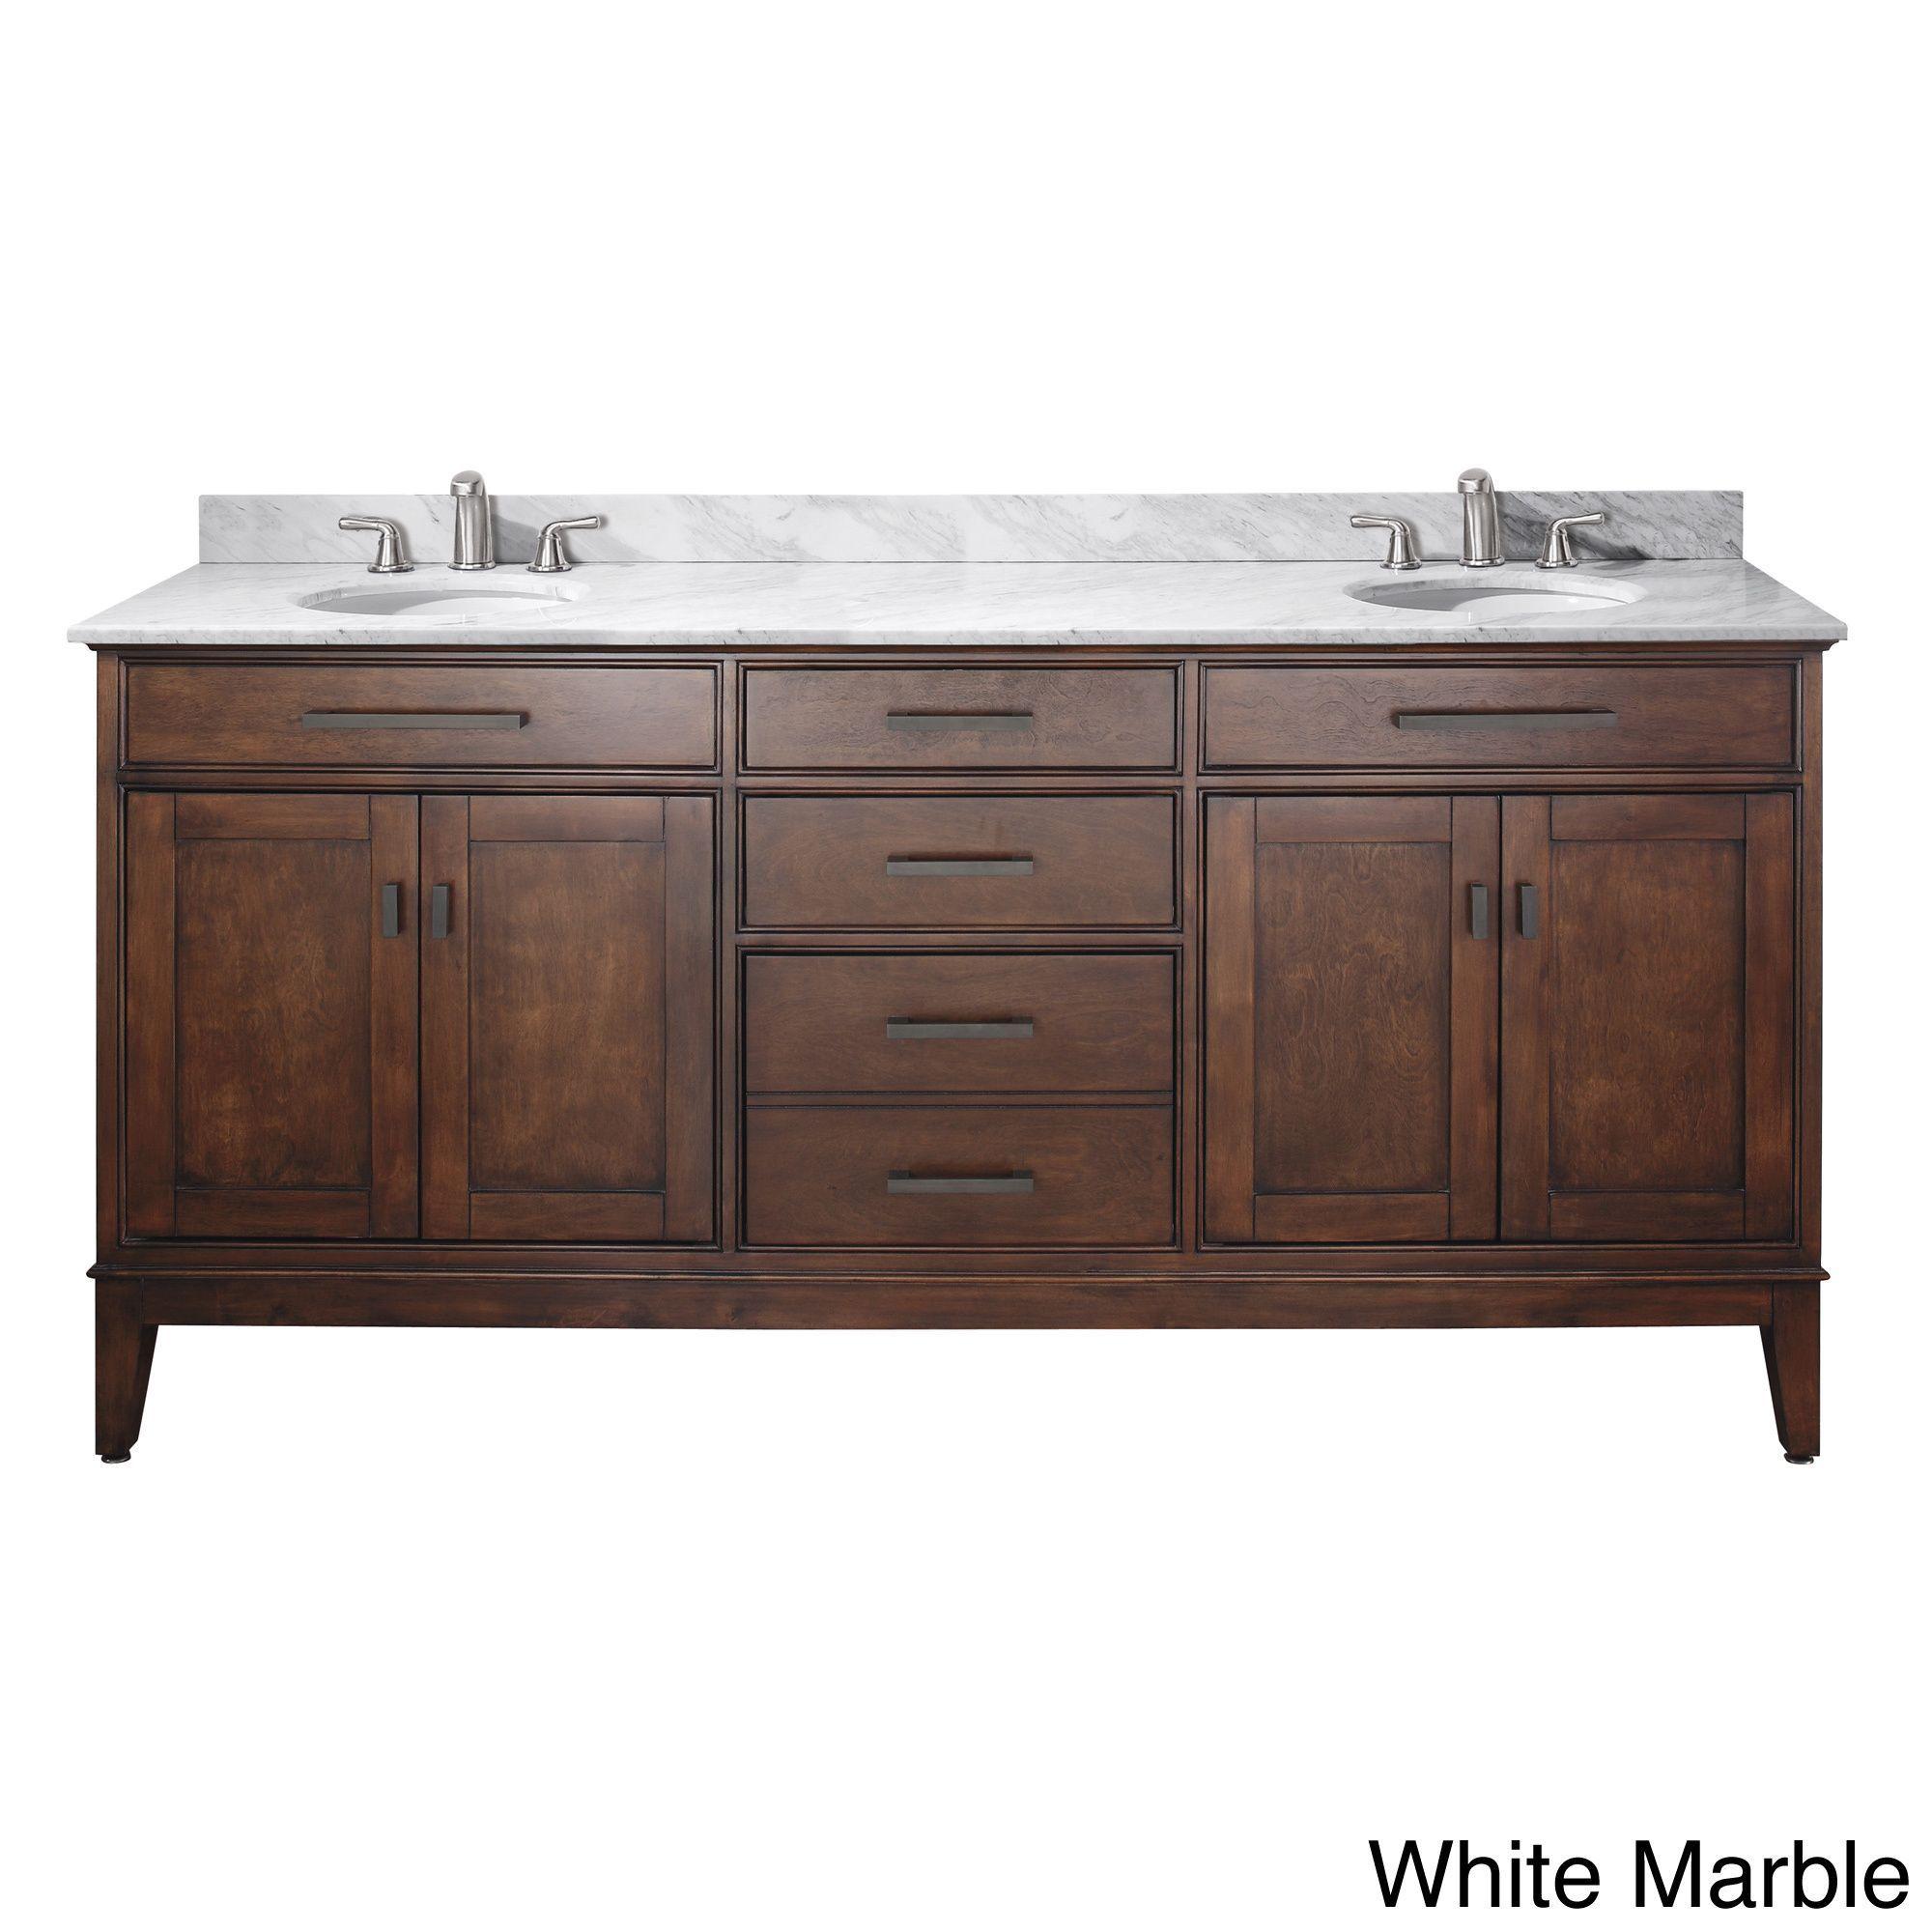 Bedroom Interior Design264ideas Double Vanity Bathroom Bathroom